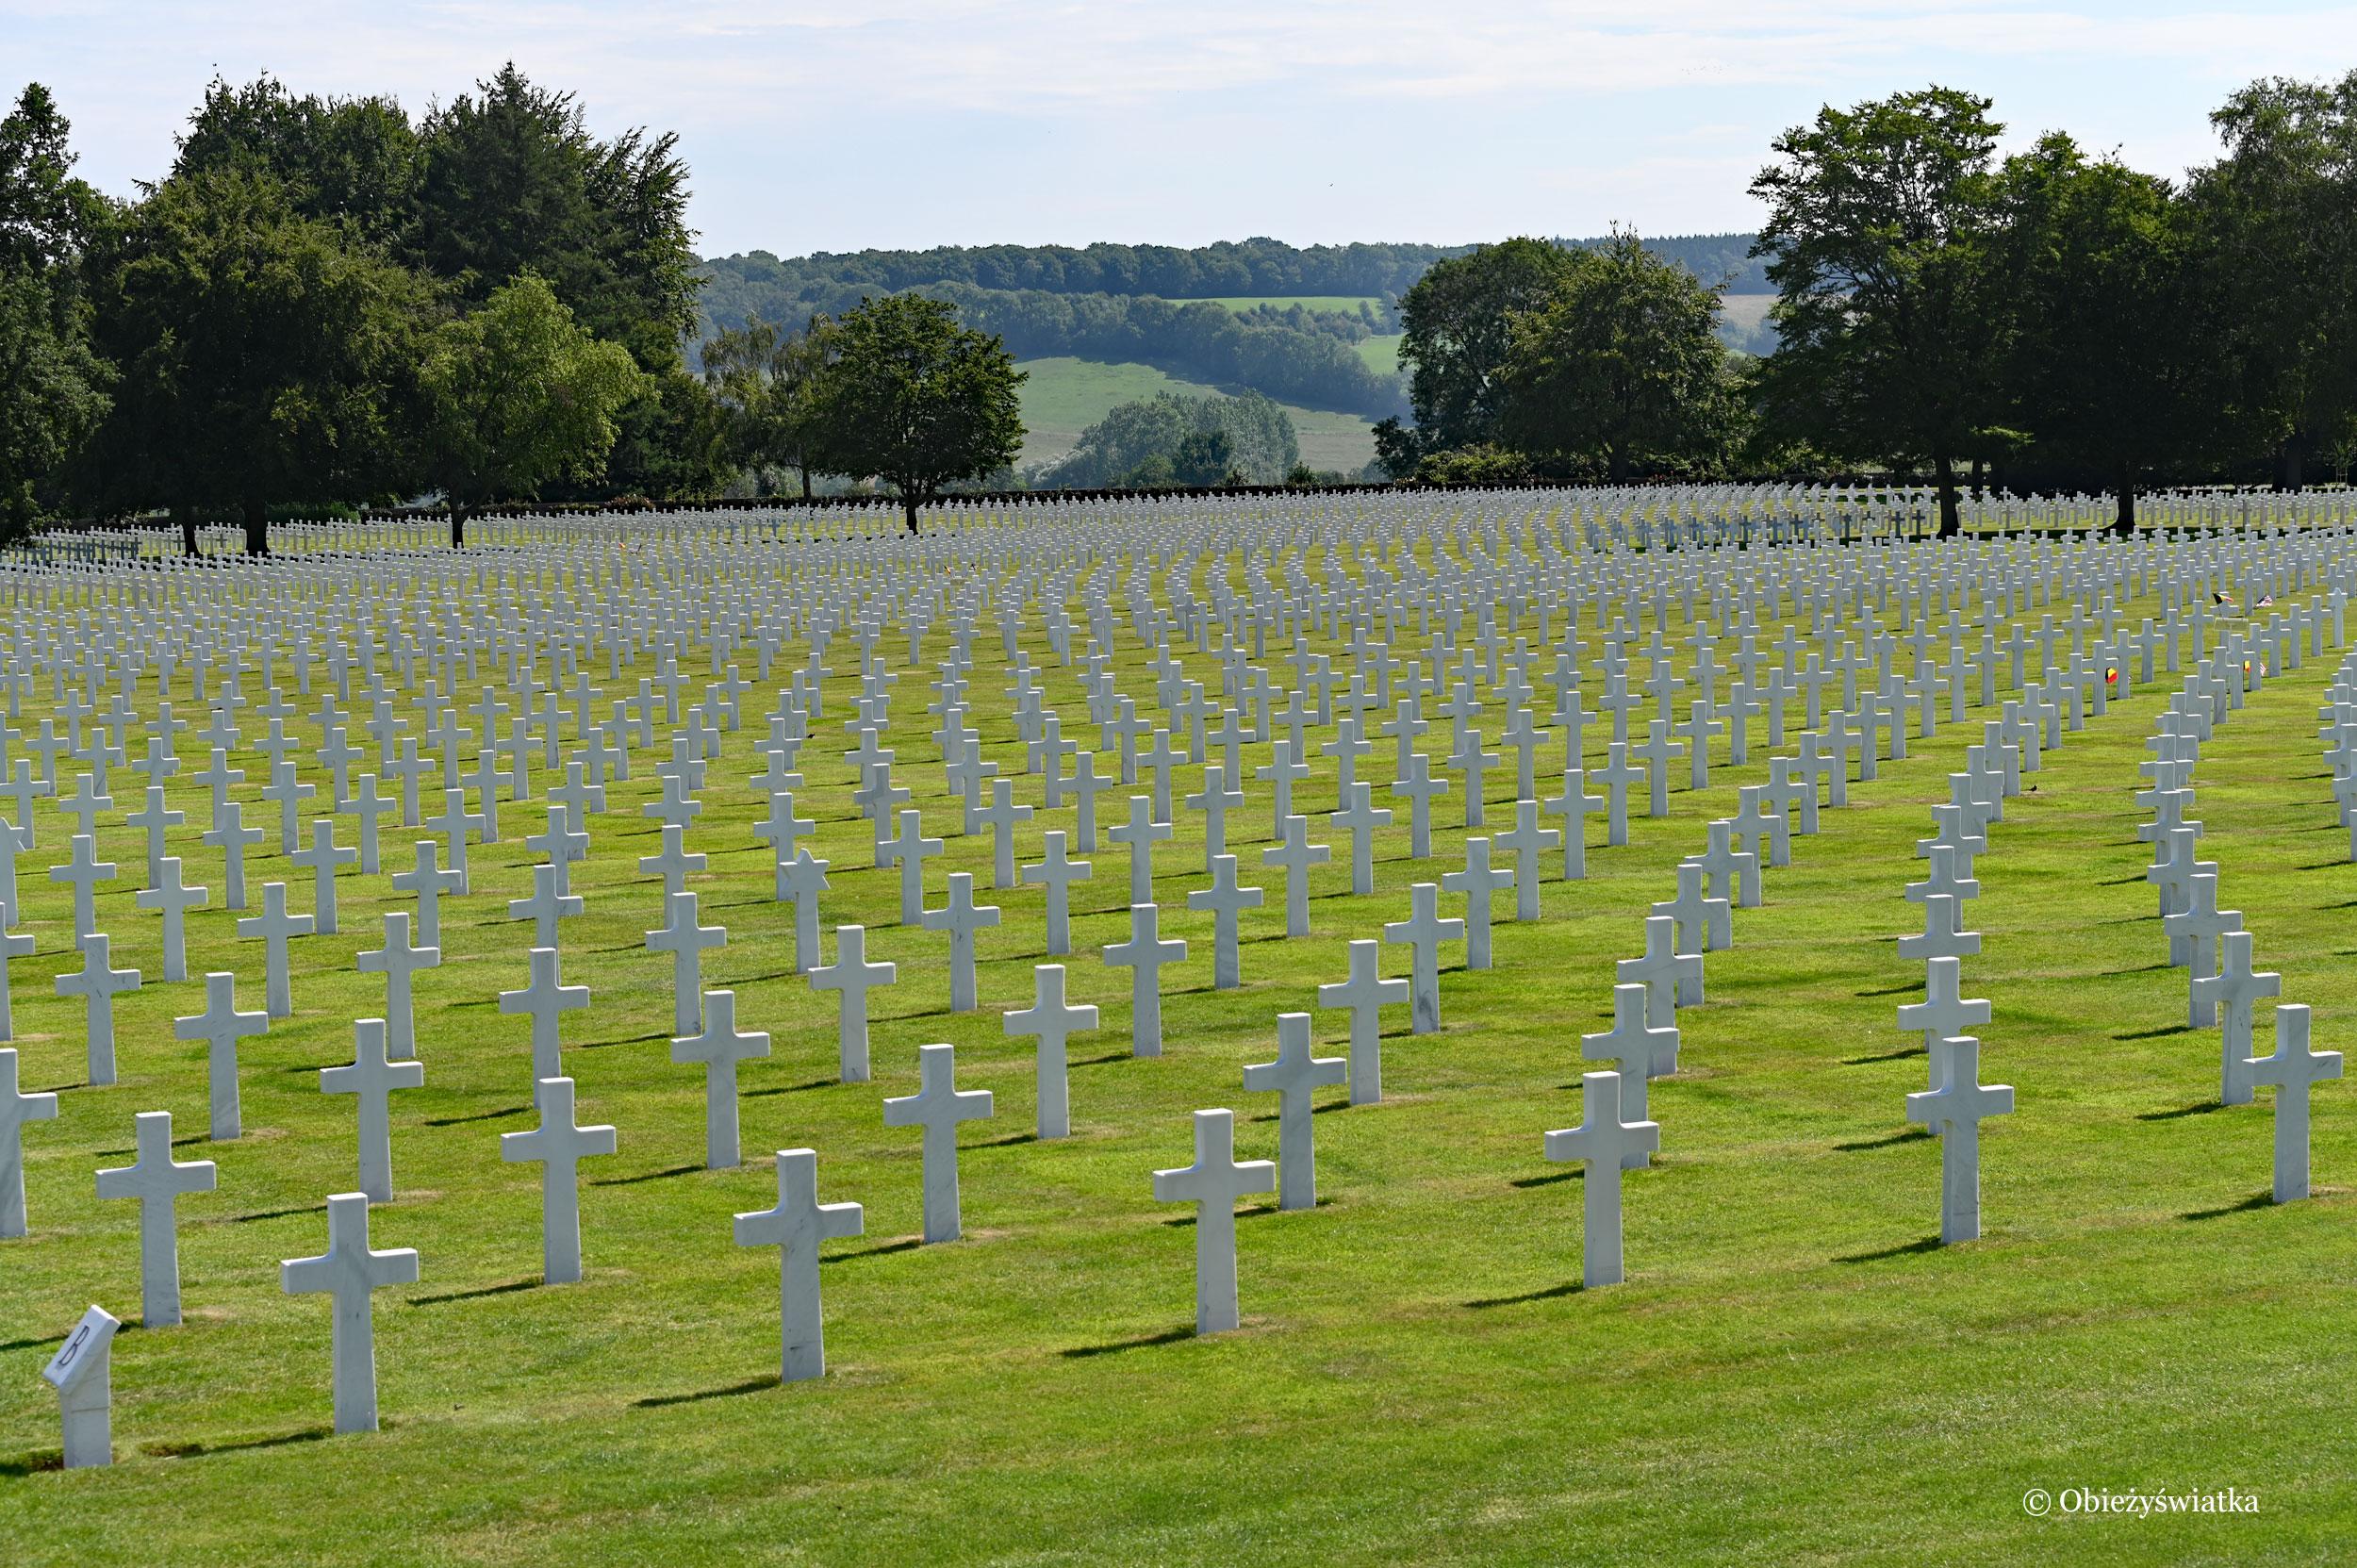 Teren amerykańskiej nekropolii wojskowej w Henri Chapelle, Belgia